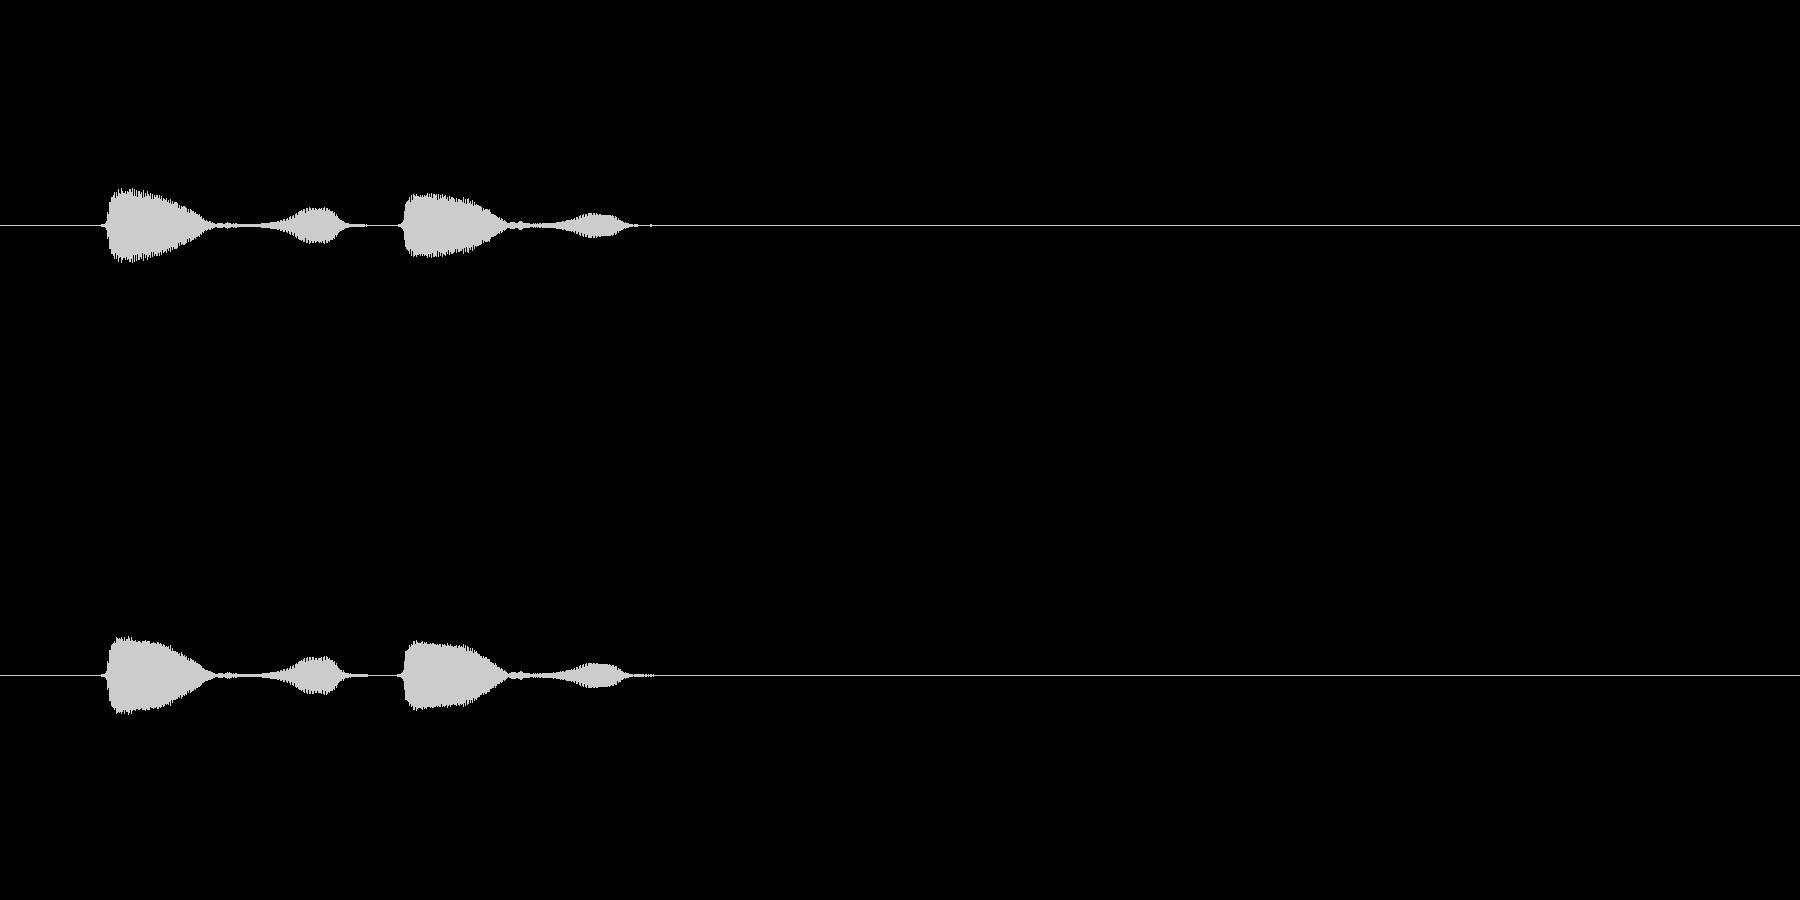 【パフパフラッパ01-4】の未再生の波形